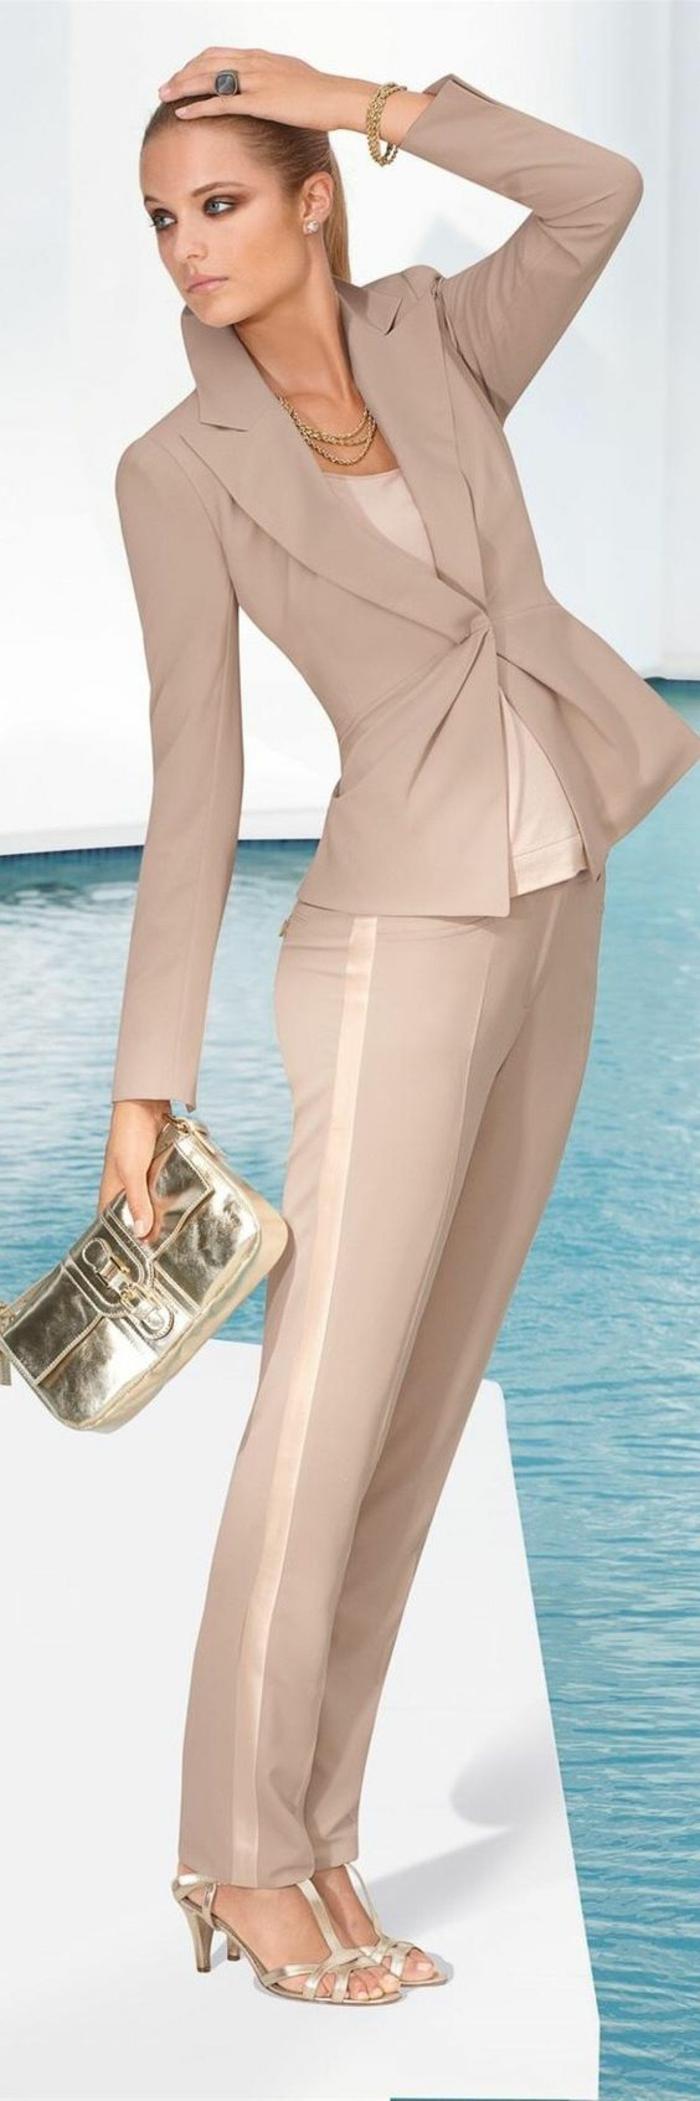 tailleur pantalon femme chic pour mariage en couleur beige, pantalon avec des bandes latérales en soie couleur bronze, veste taille très fine